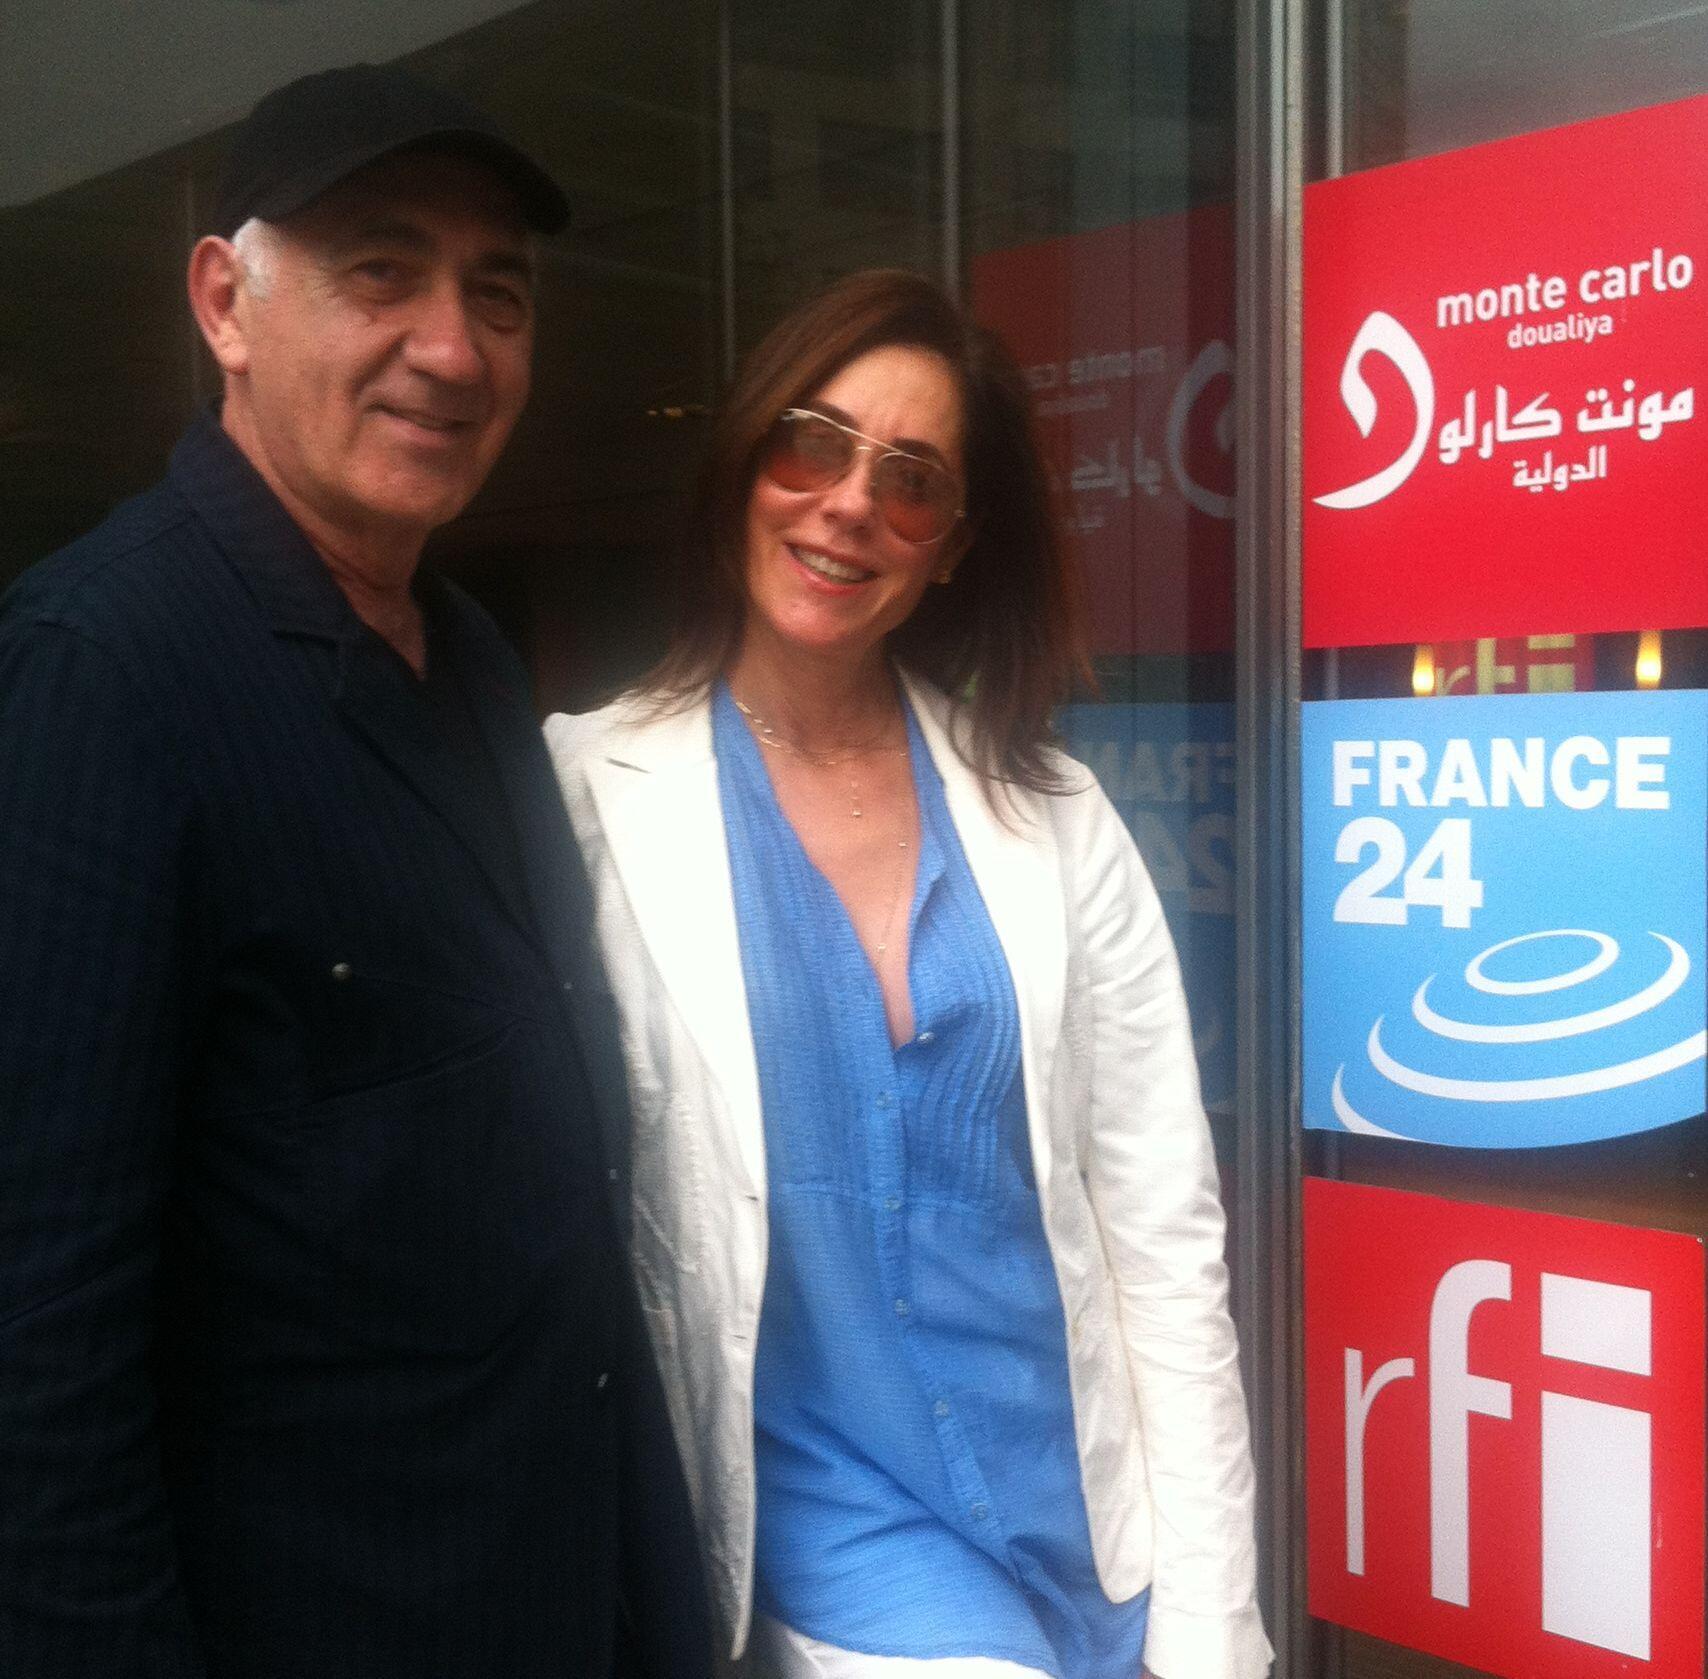 O diretor teatral José Possi Neto e a atriz Christiane Torloni visitam a Rádio França Internacional, em Paris.